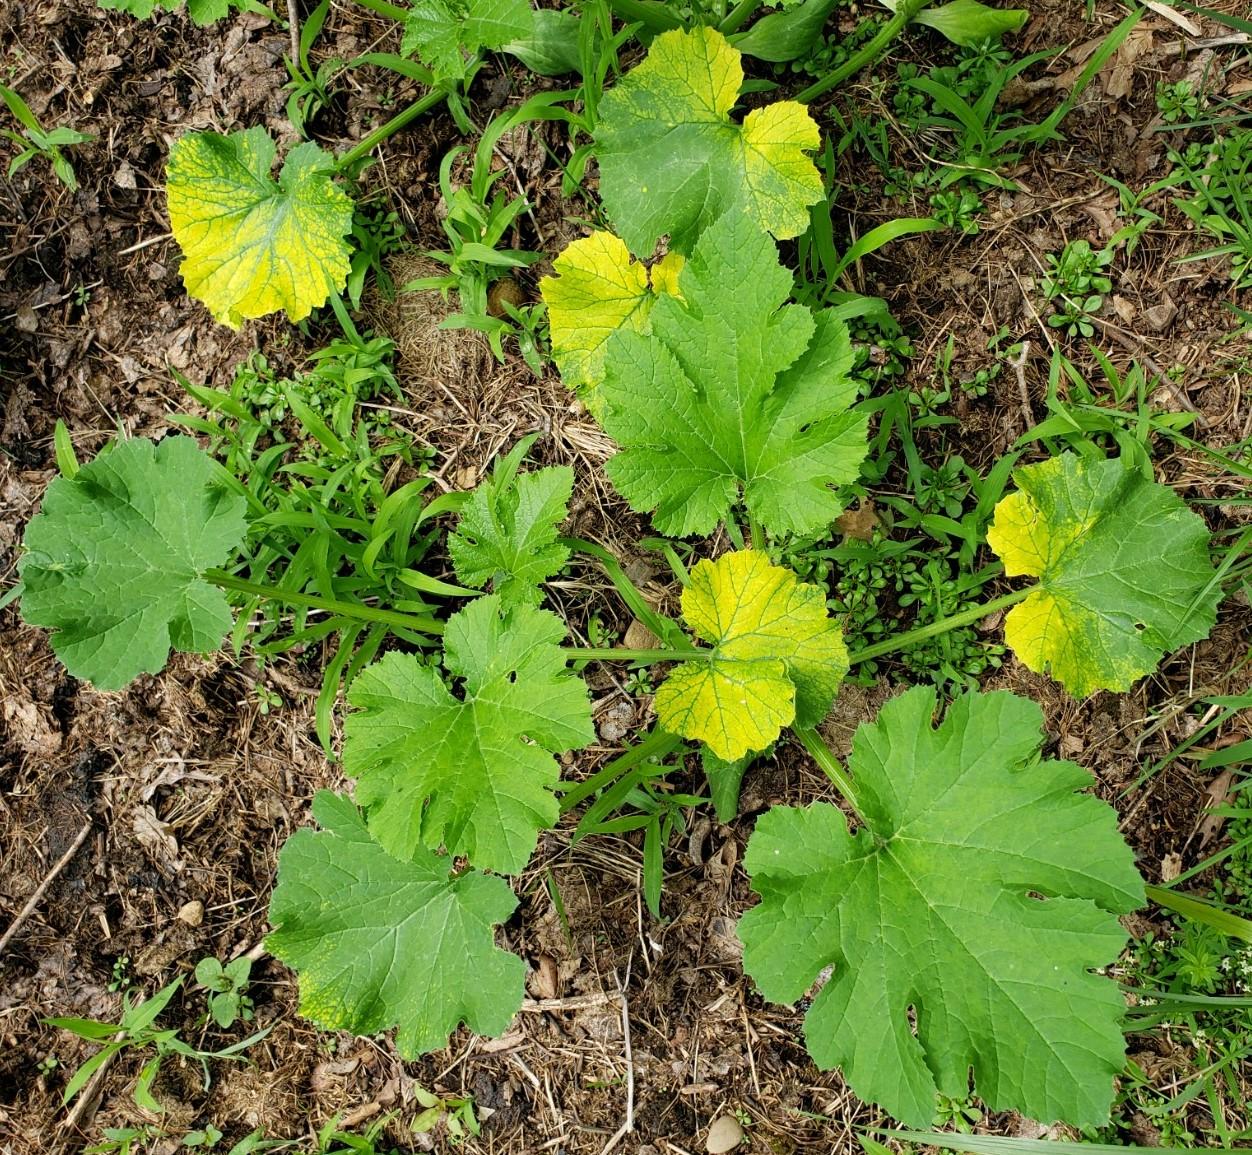 7-15 Yellowing Zuchinni plant ML